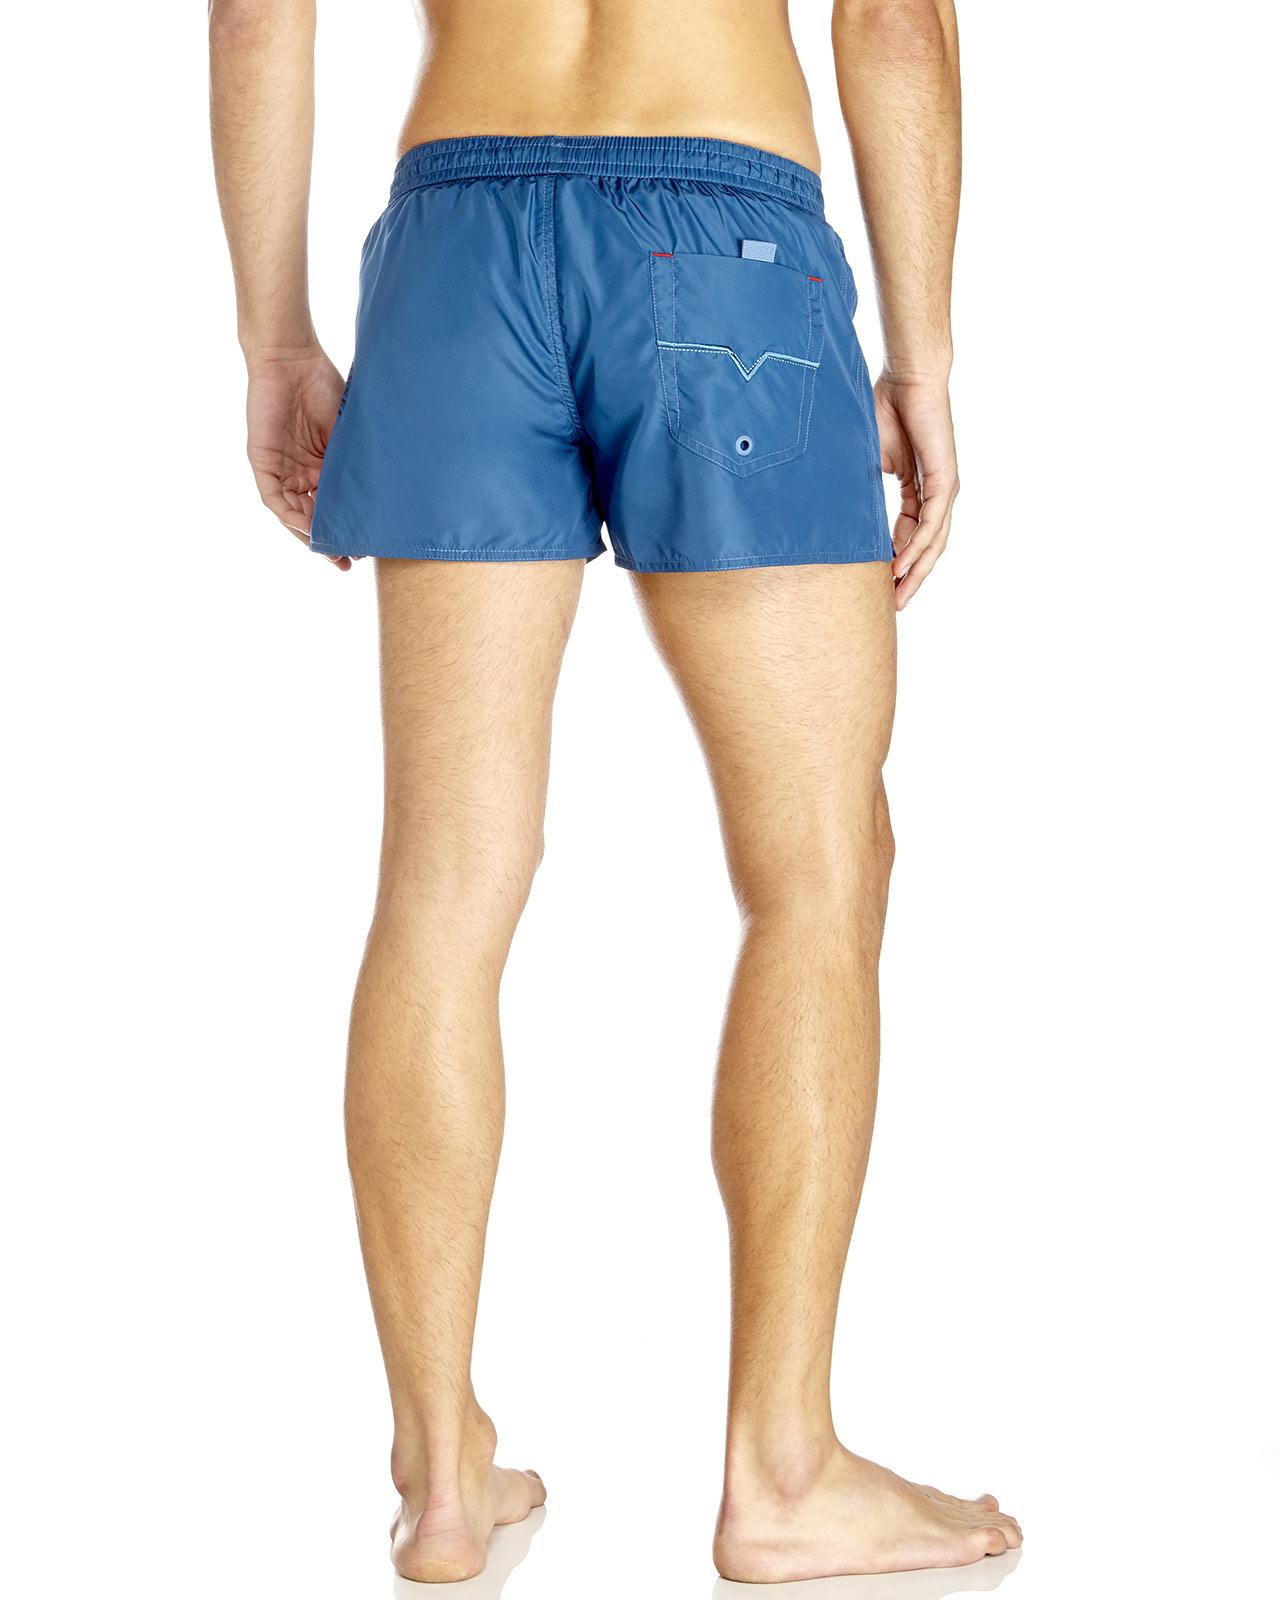 e0643faa57 DIESEL Coralrif Swim Trunks in Blue for Men - Lyst